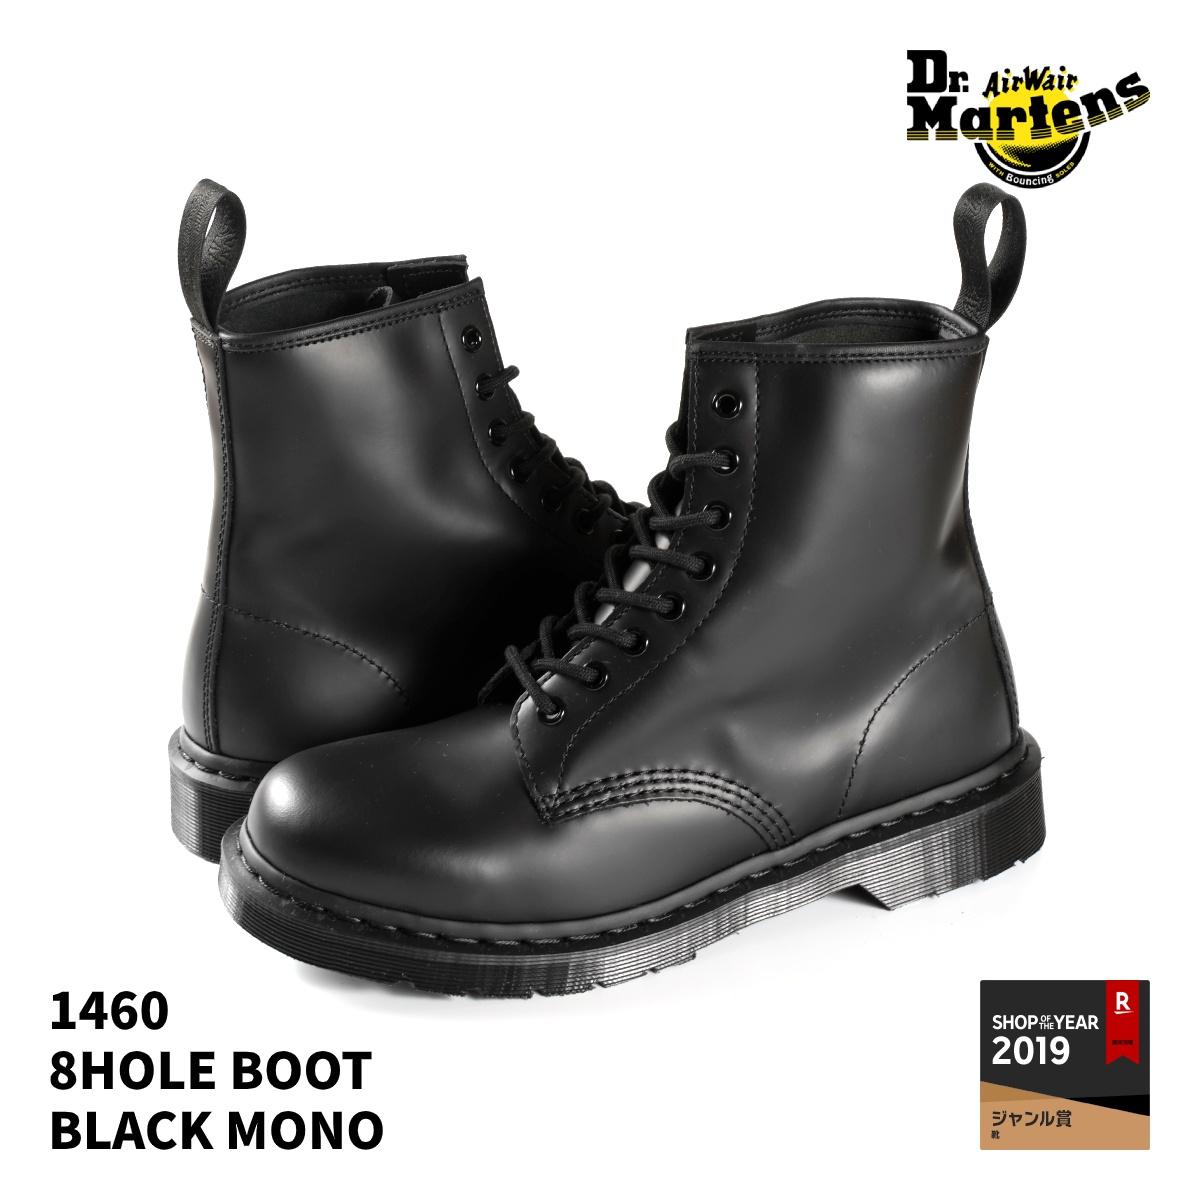 Dr.Martens 8HOLE BOOT 1460 14353001 ドクターマーチン 8ホール ブーツ BLACK MONO